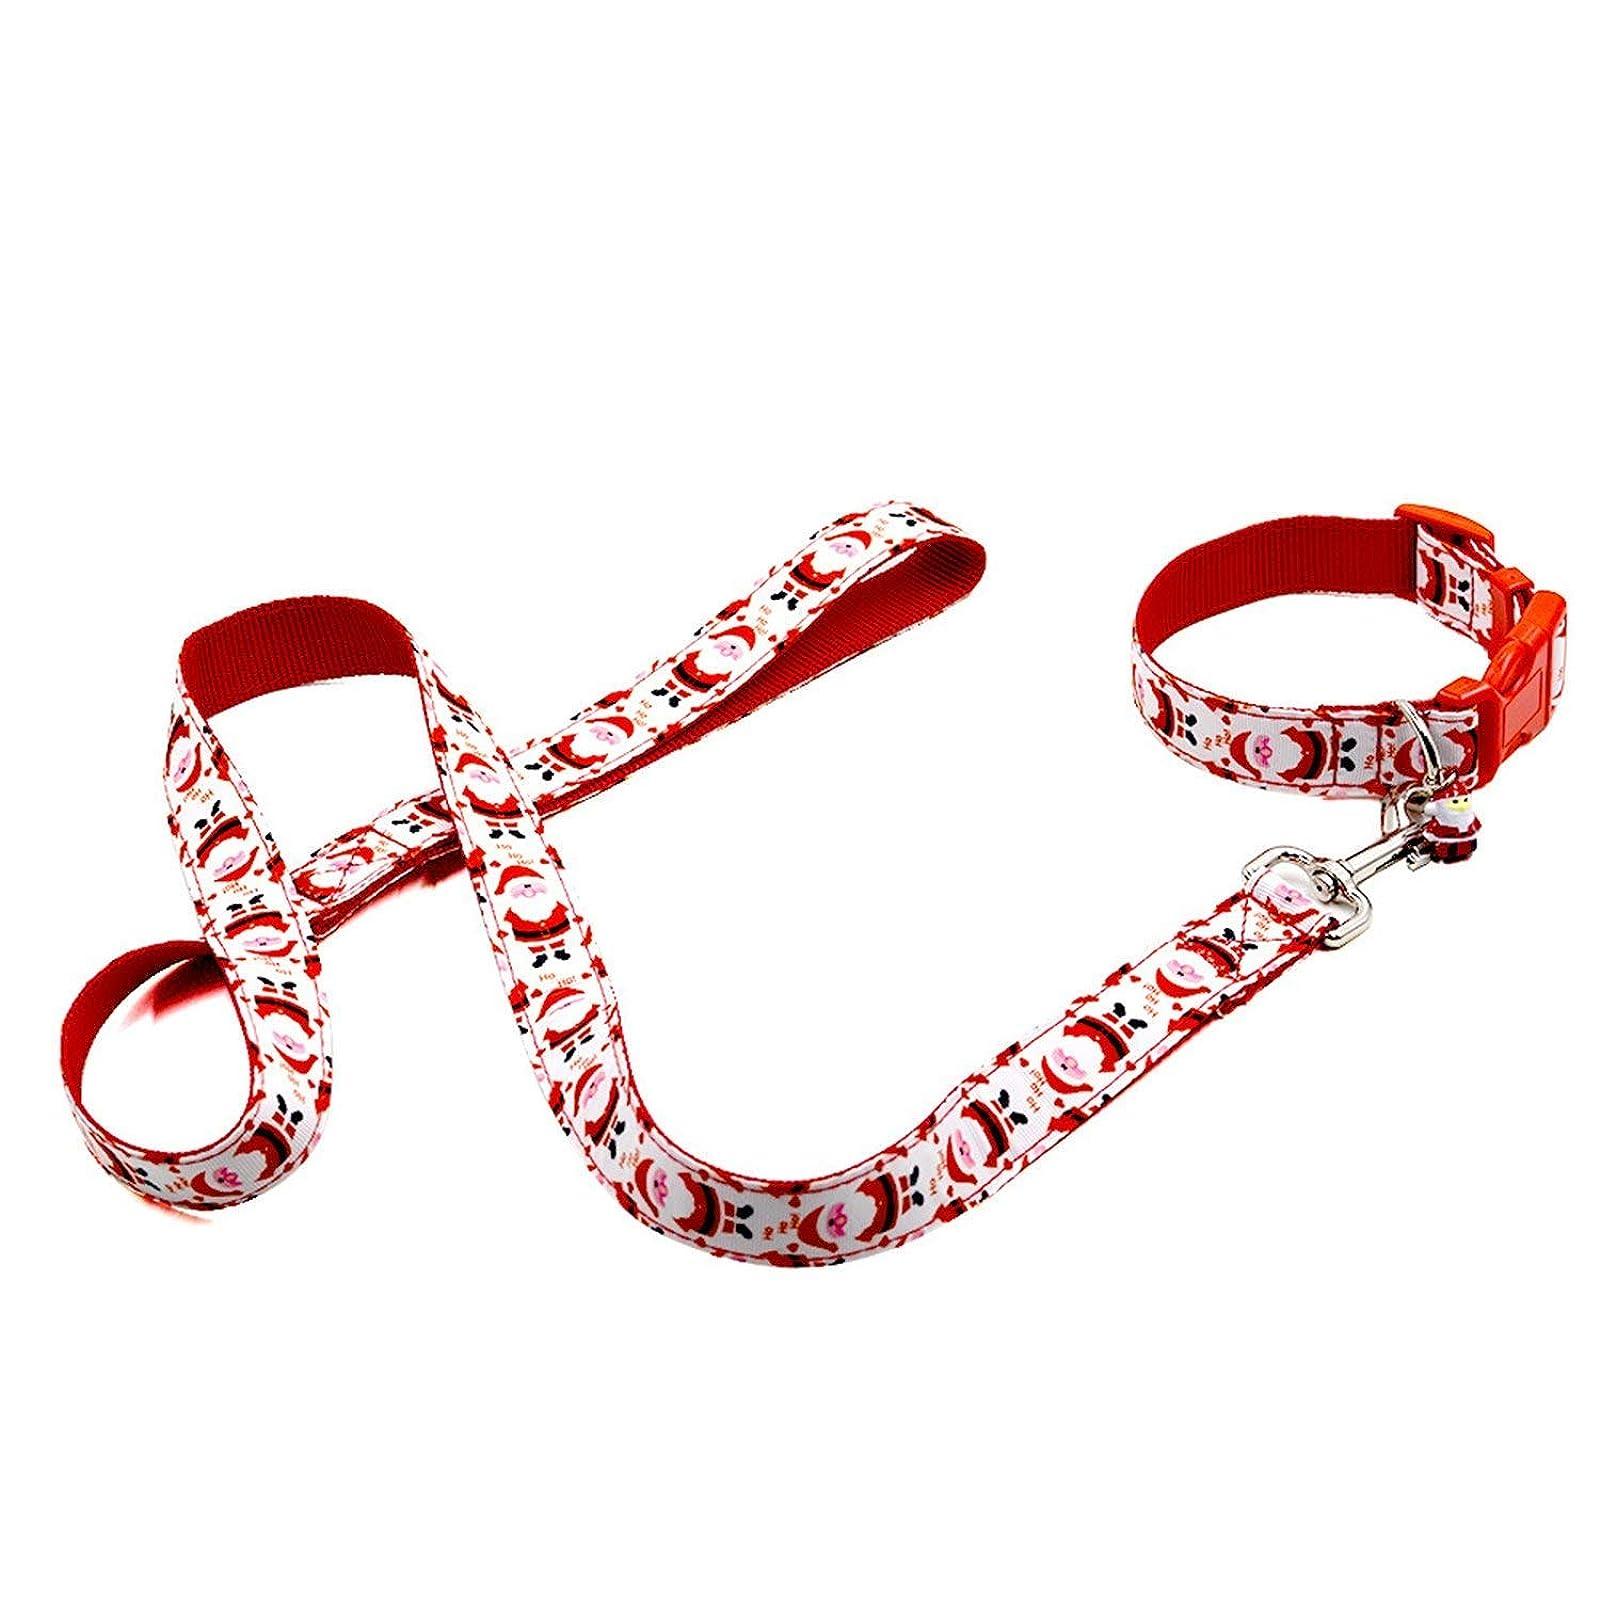 RYPET Christmas Dog Collar and Leash - Santa - 2